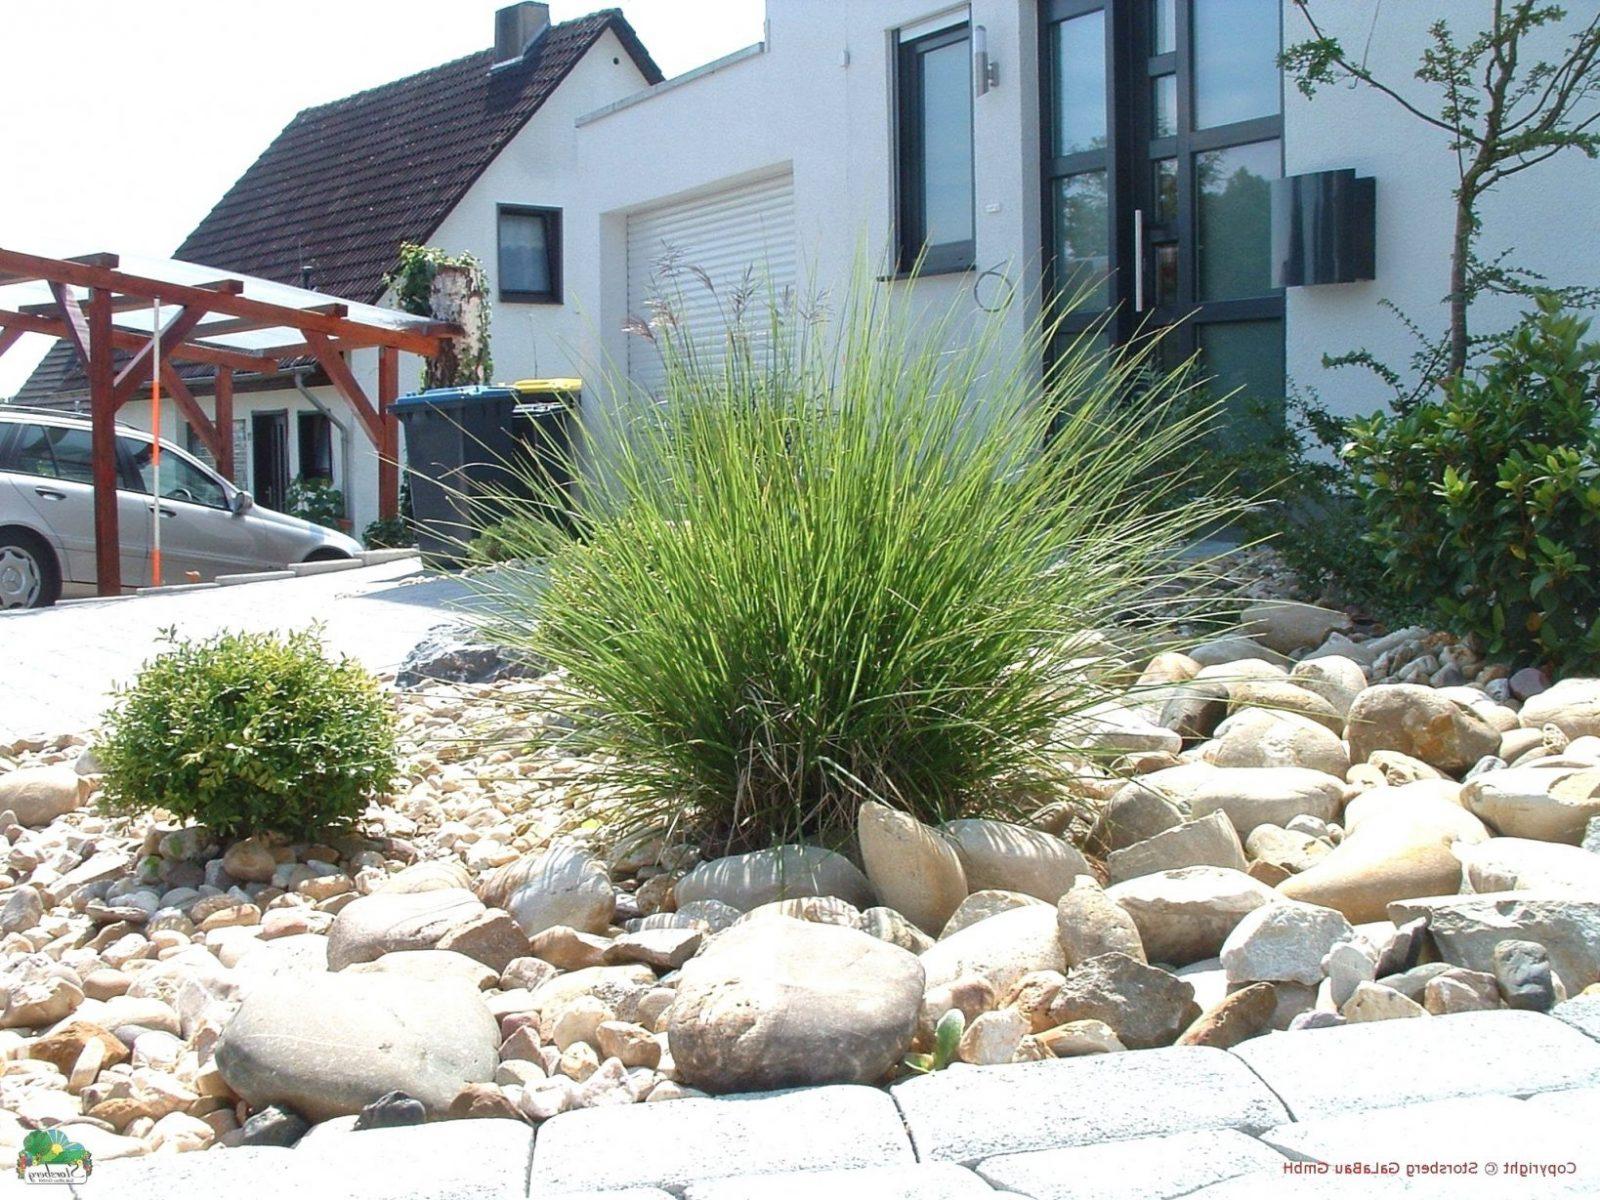 Gartengestaltung Mit Kies Und Gräsern Von Beetgestaltung Mit Steinen von Gartengestaltung Mit Gräsern Und Kies Bild